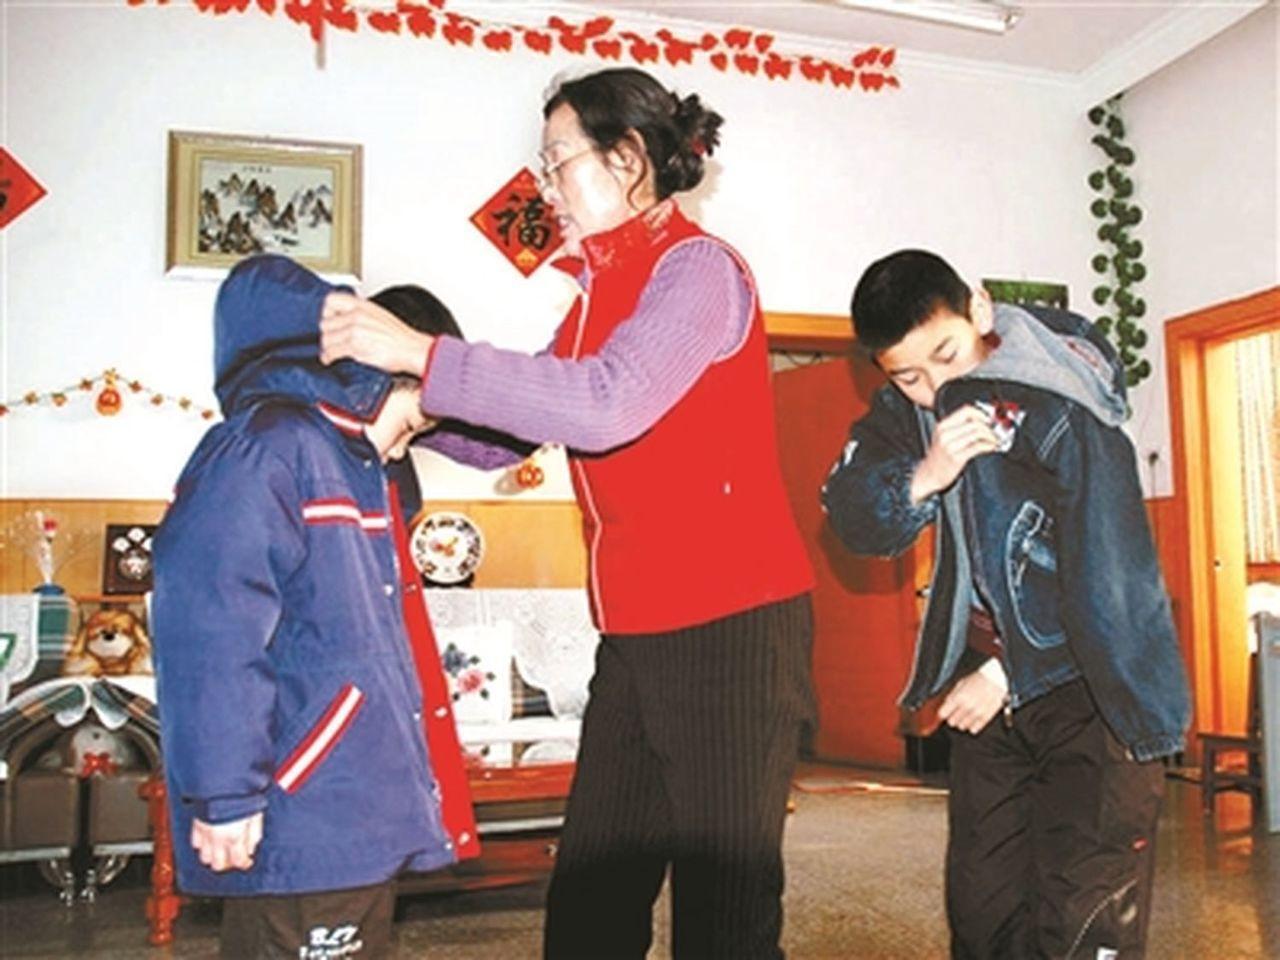 出門前,張雨霄幫兒子穿衣服。(取材自北京青年報)